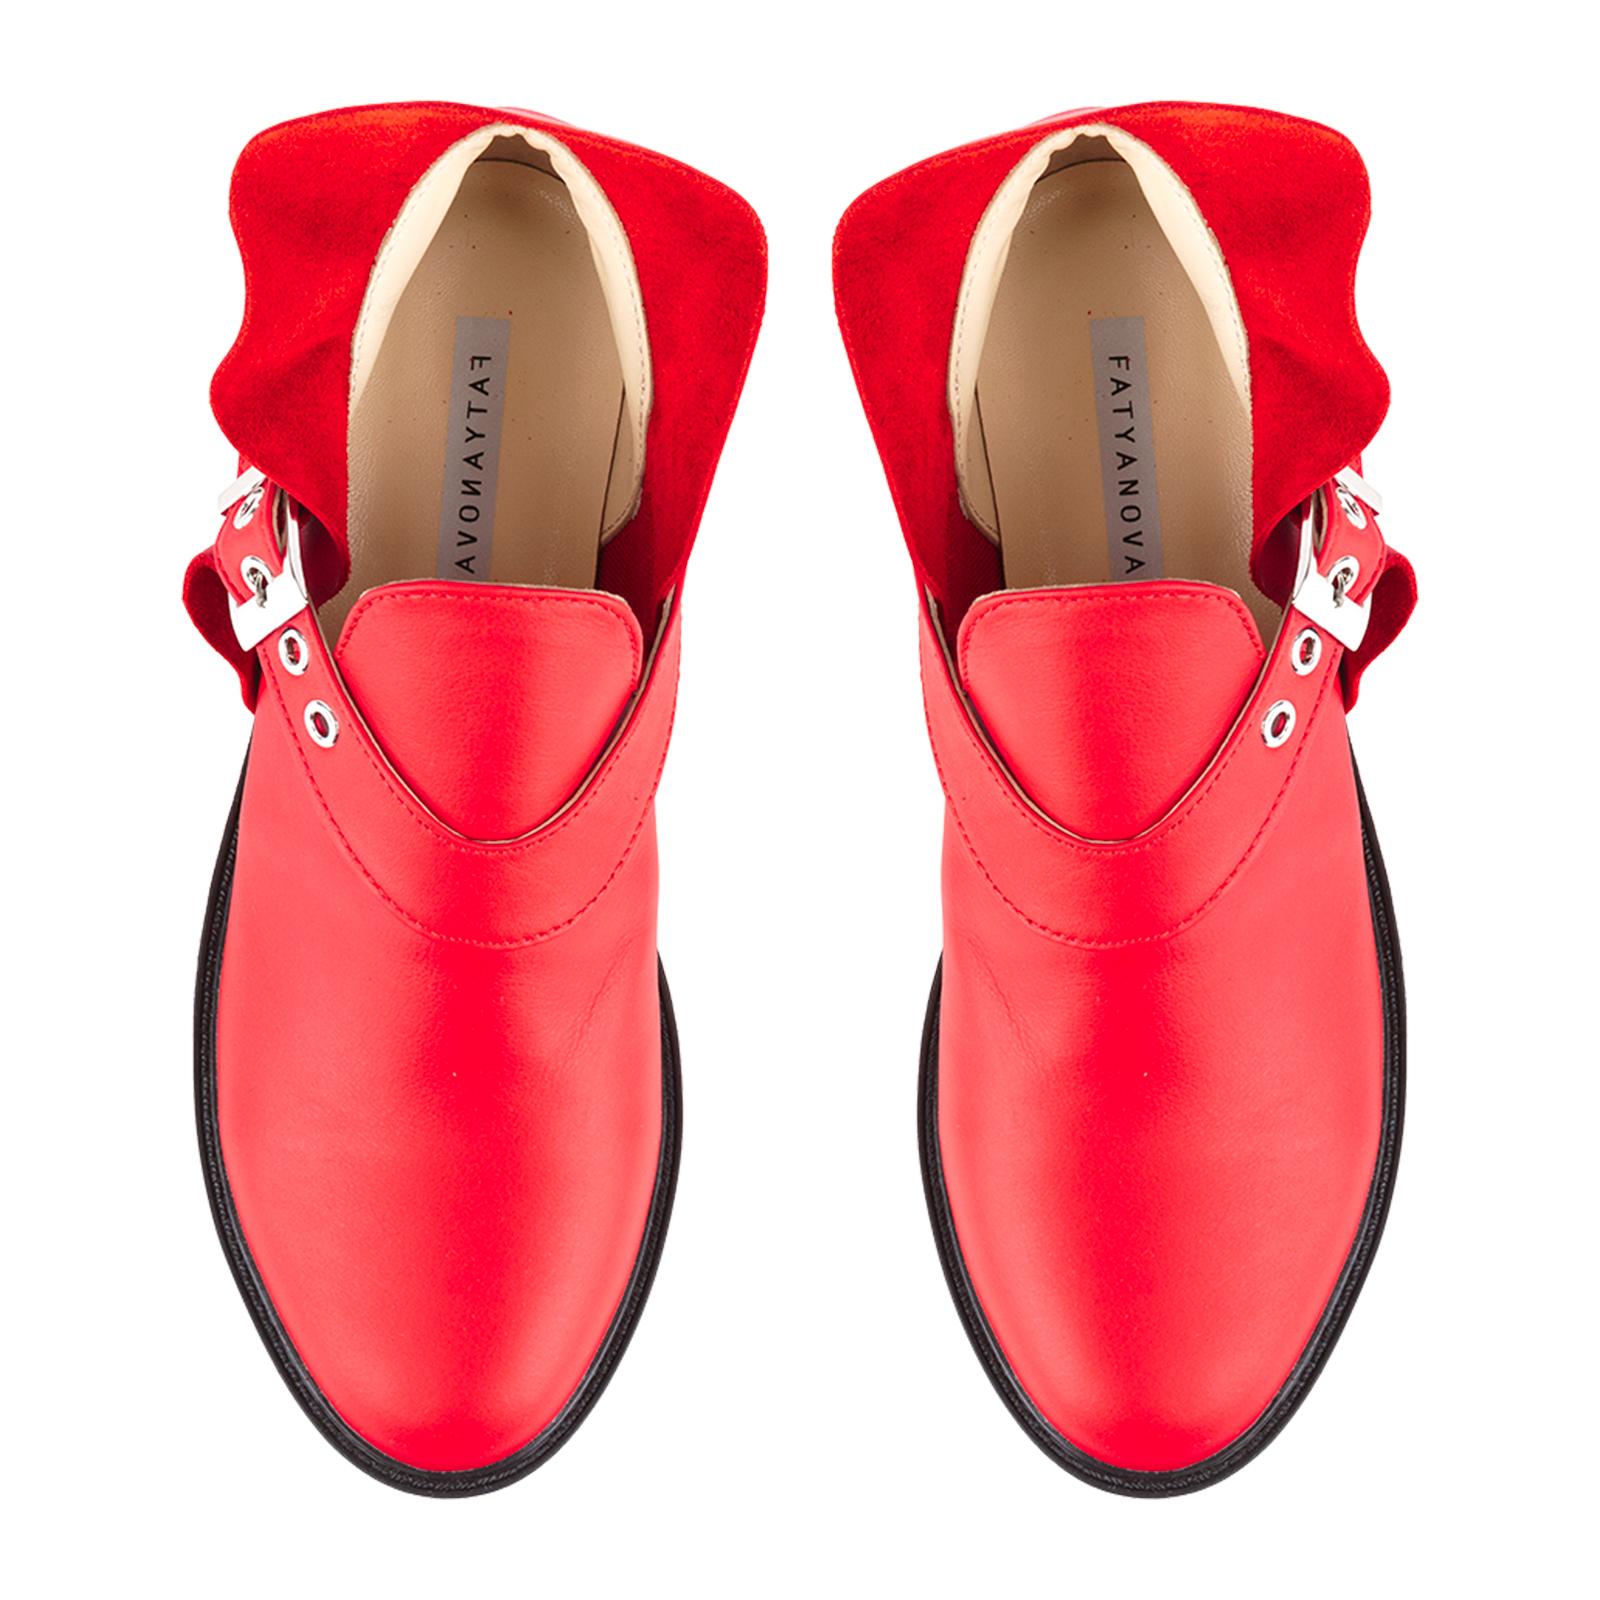 Полуботинки женские Ботинки Мерлин кожаные красного цвета 100102 купить в Украине, 2017